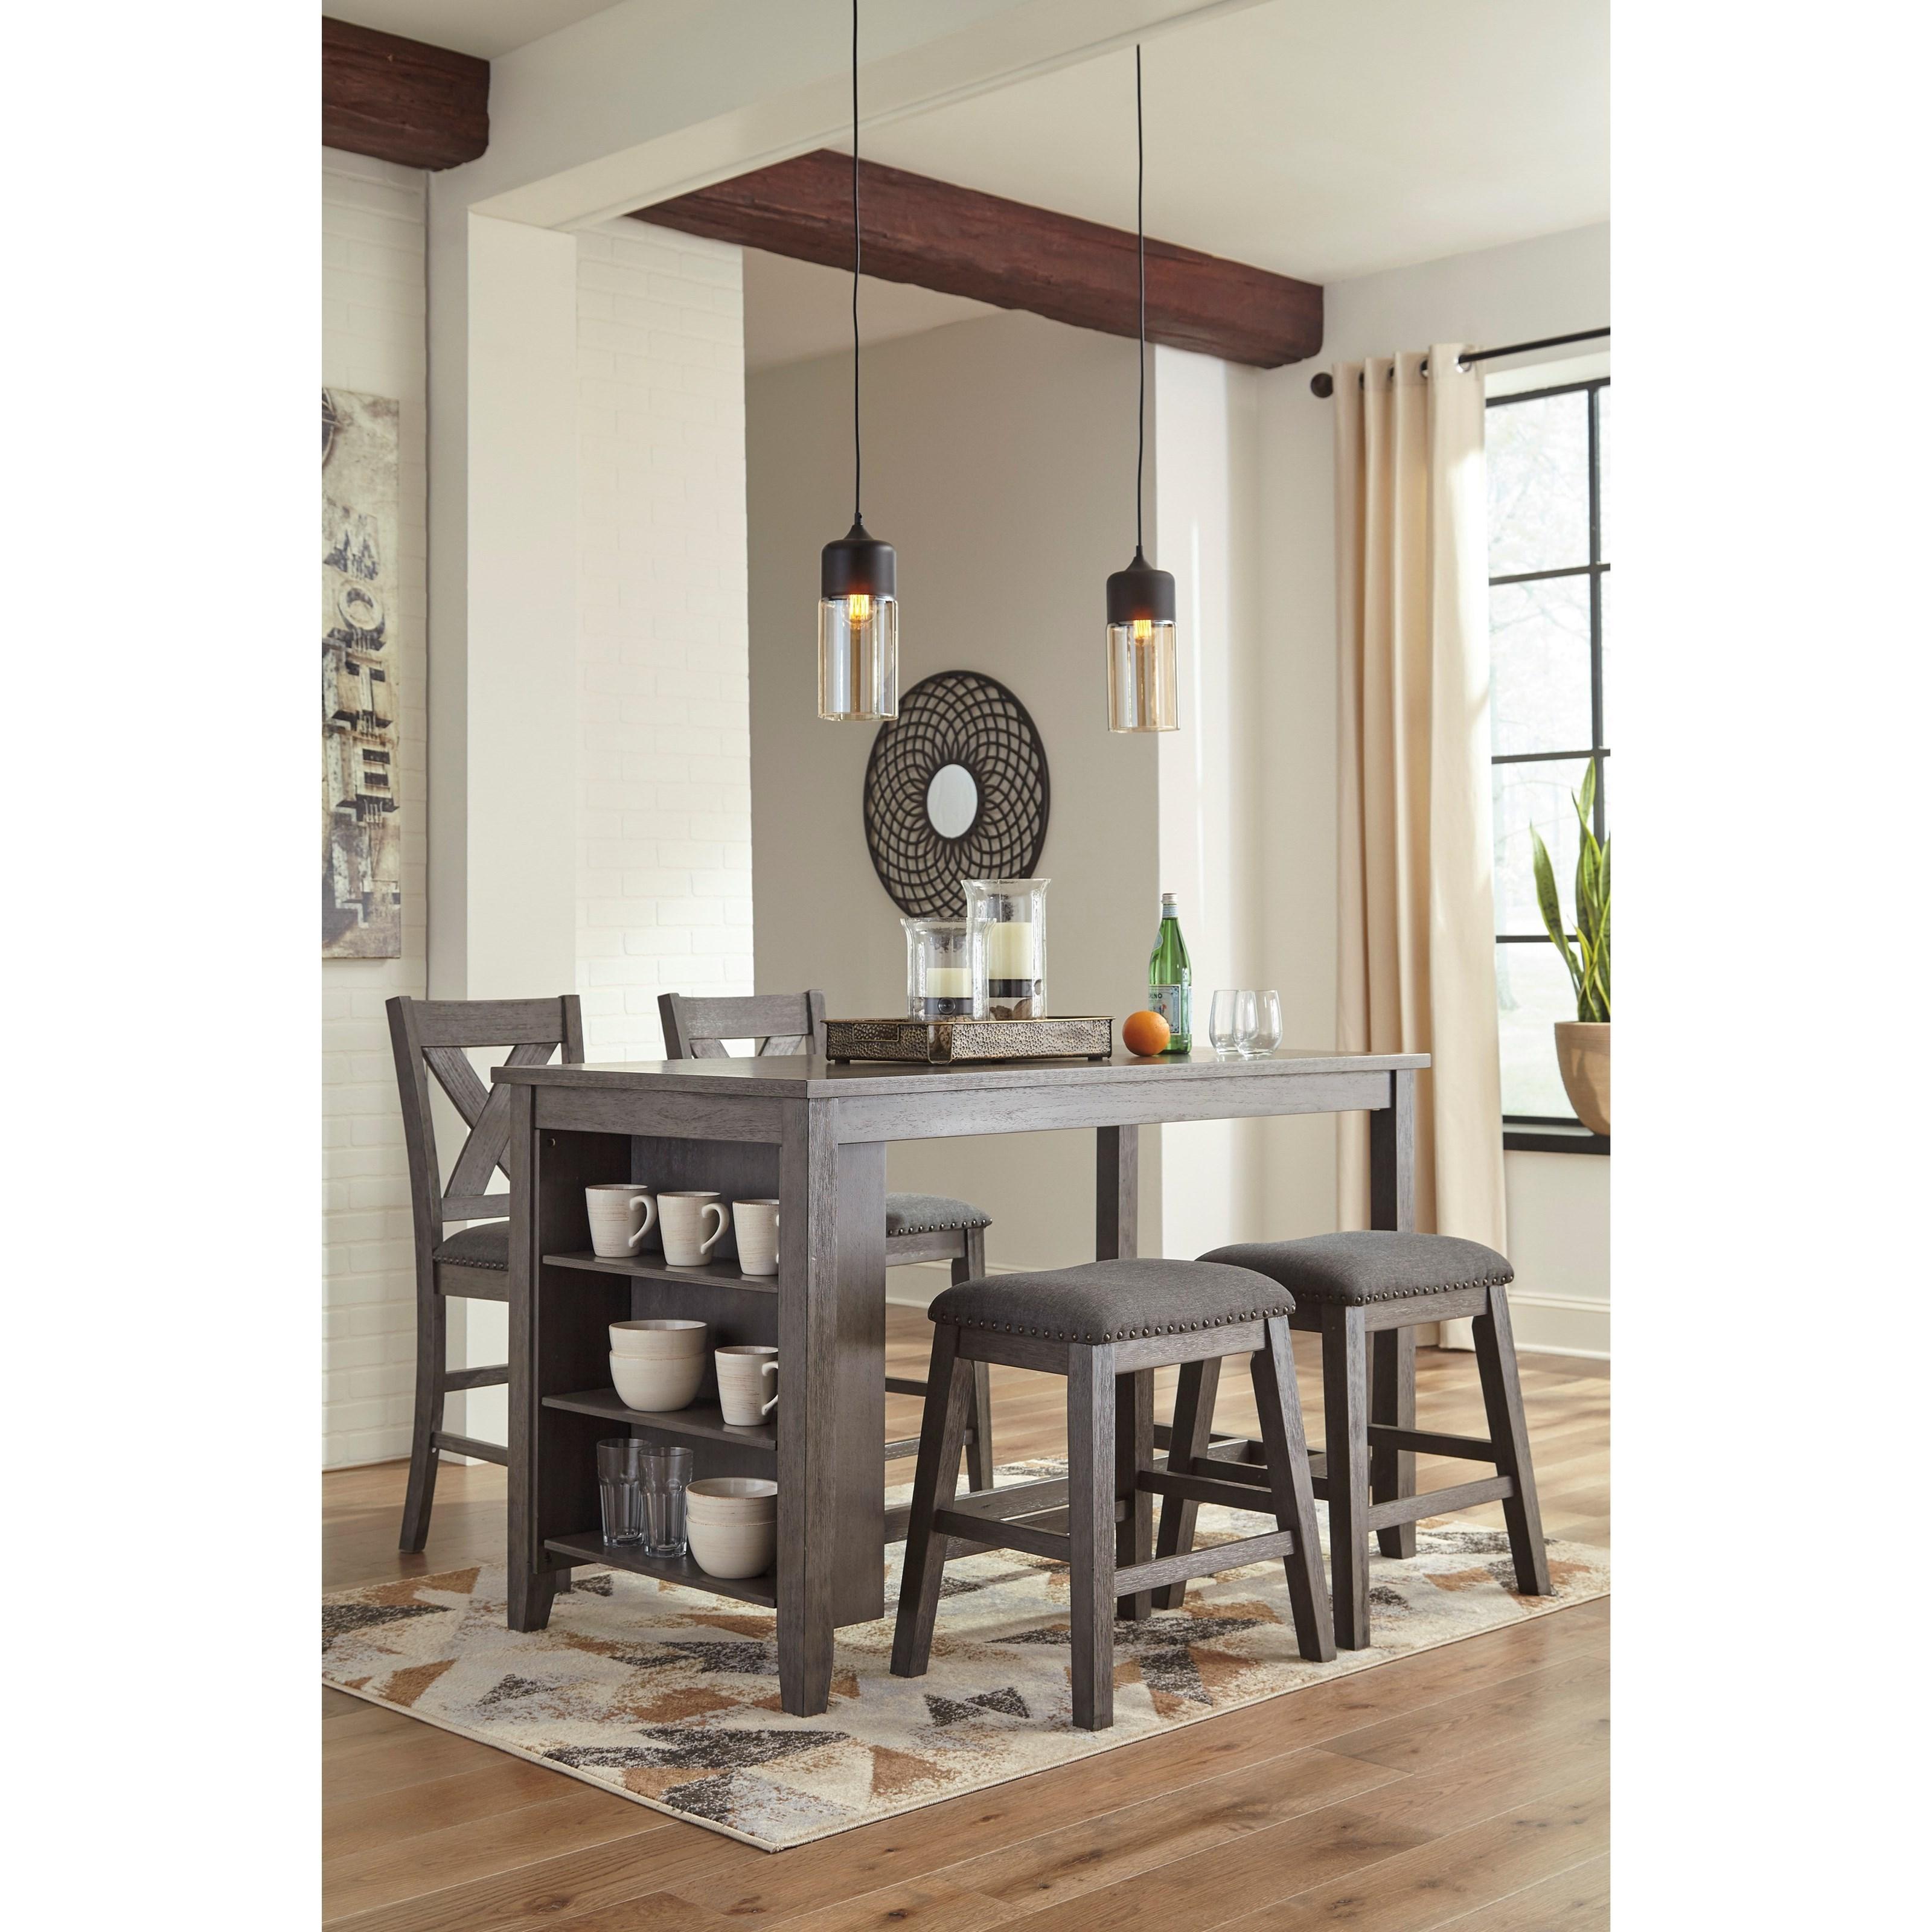 Kitchen Island Furniture Piece: Signature Design By Ashley Caitbrook Five Piece Kitchen